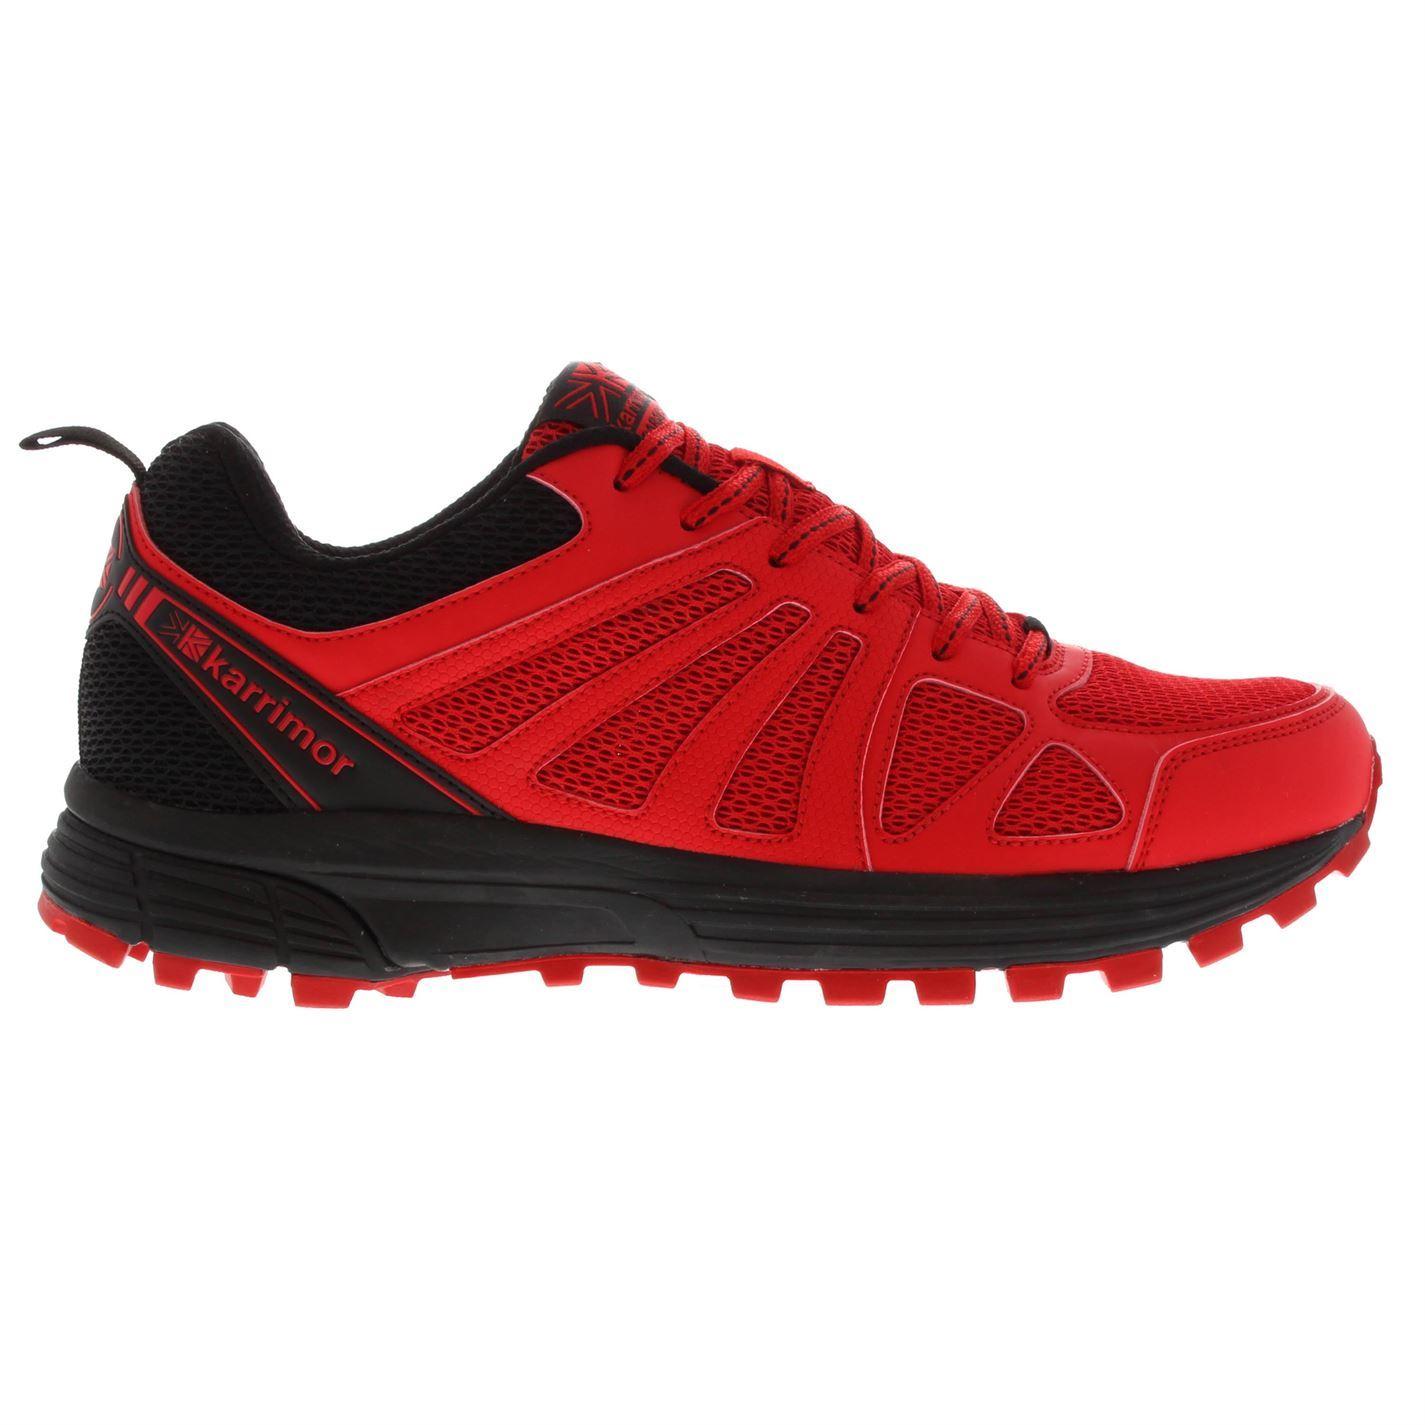 Damen Turnschuhe Leichte Laufschuhe Sneaker Atmungsaktive Sport Schuhe Jogger F//